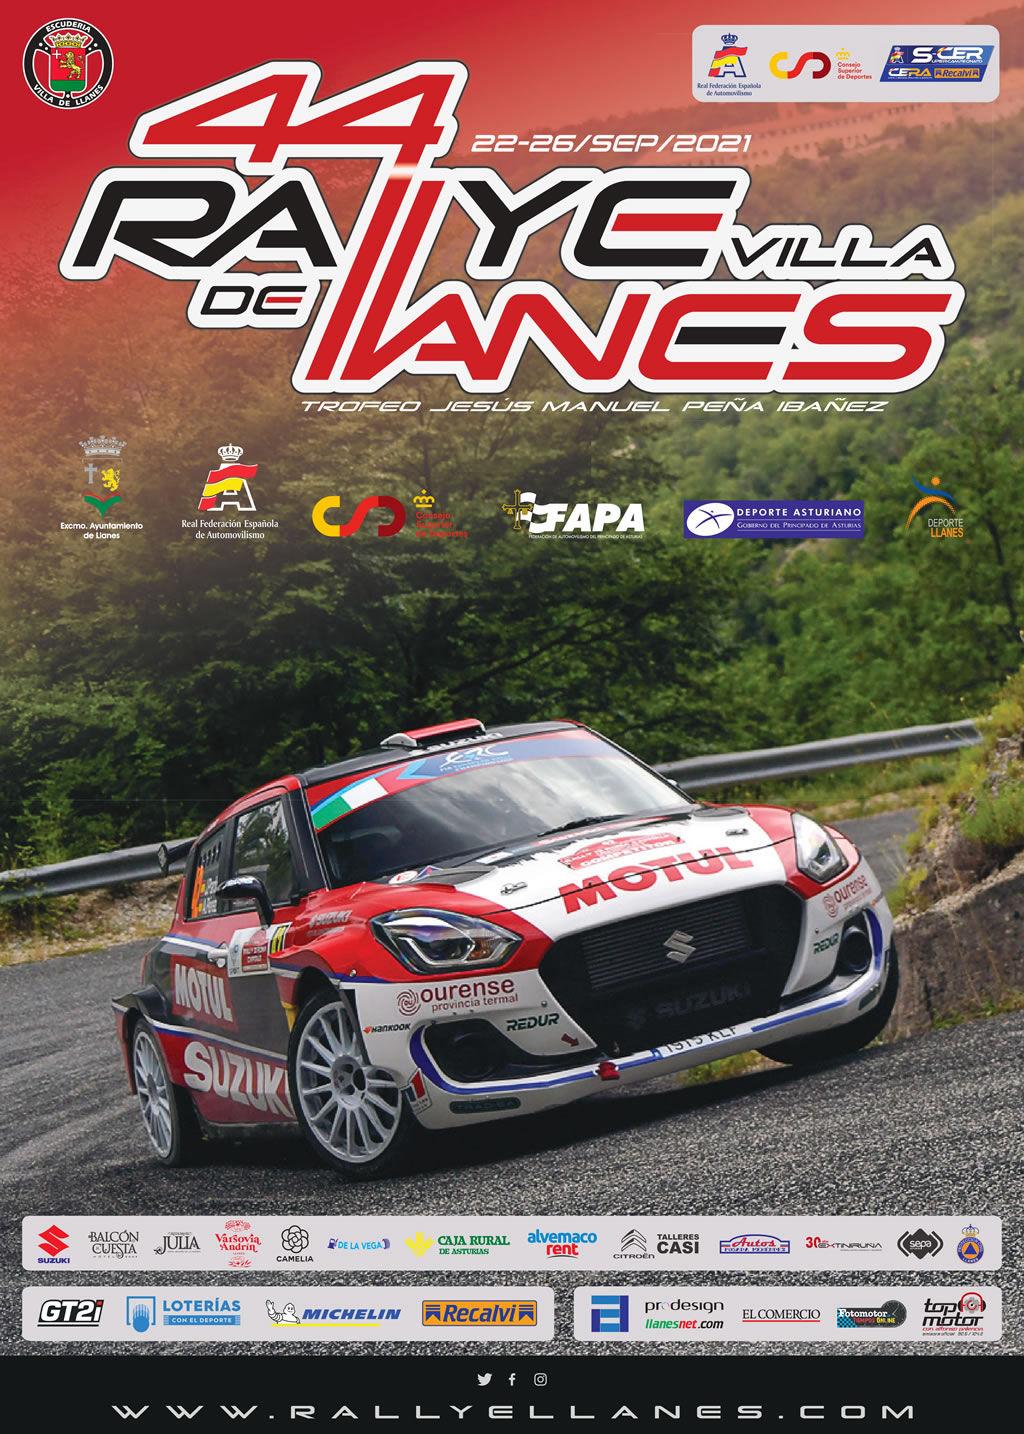 SCER + CERA: 44º Rallye Villa de Llanes - Trofeo Jesús Manuel Peña Ibánez [24-25 Septiembre] Cartel-44-rallye-llanes-1025-1024x1434